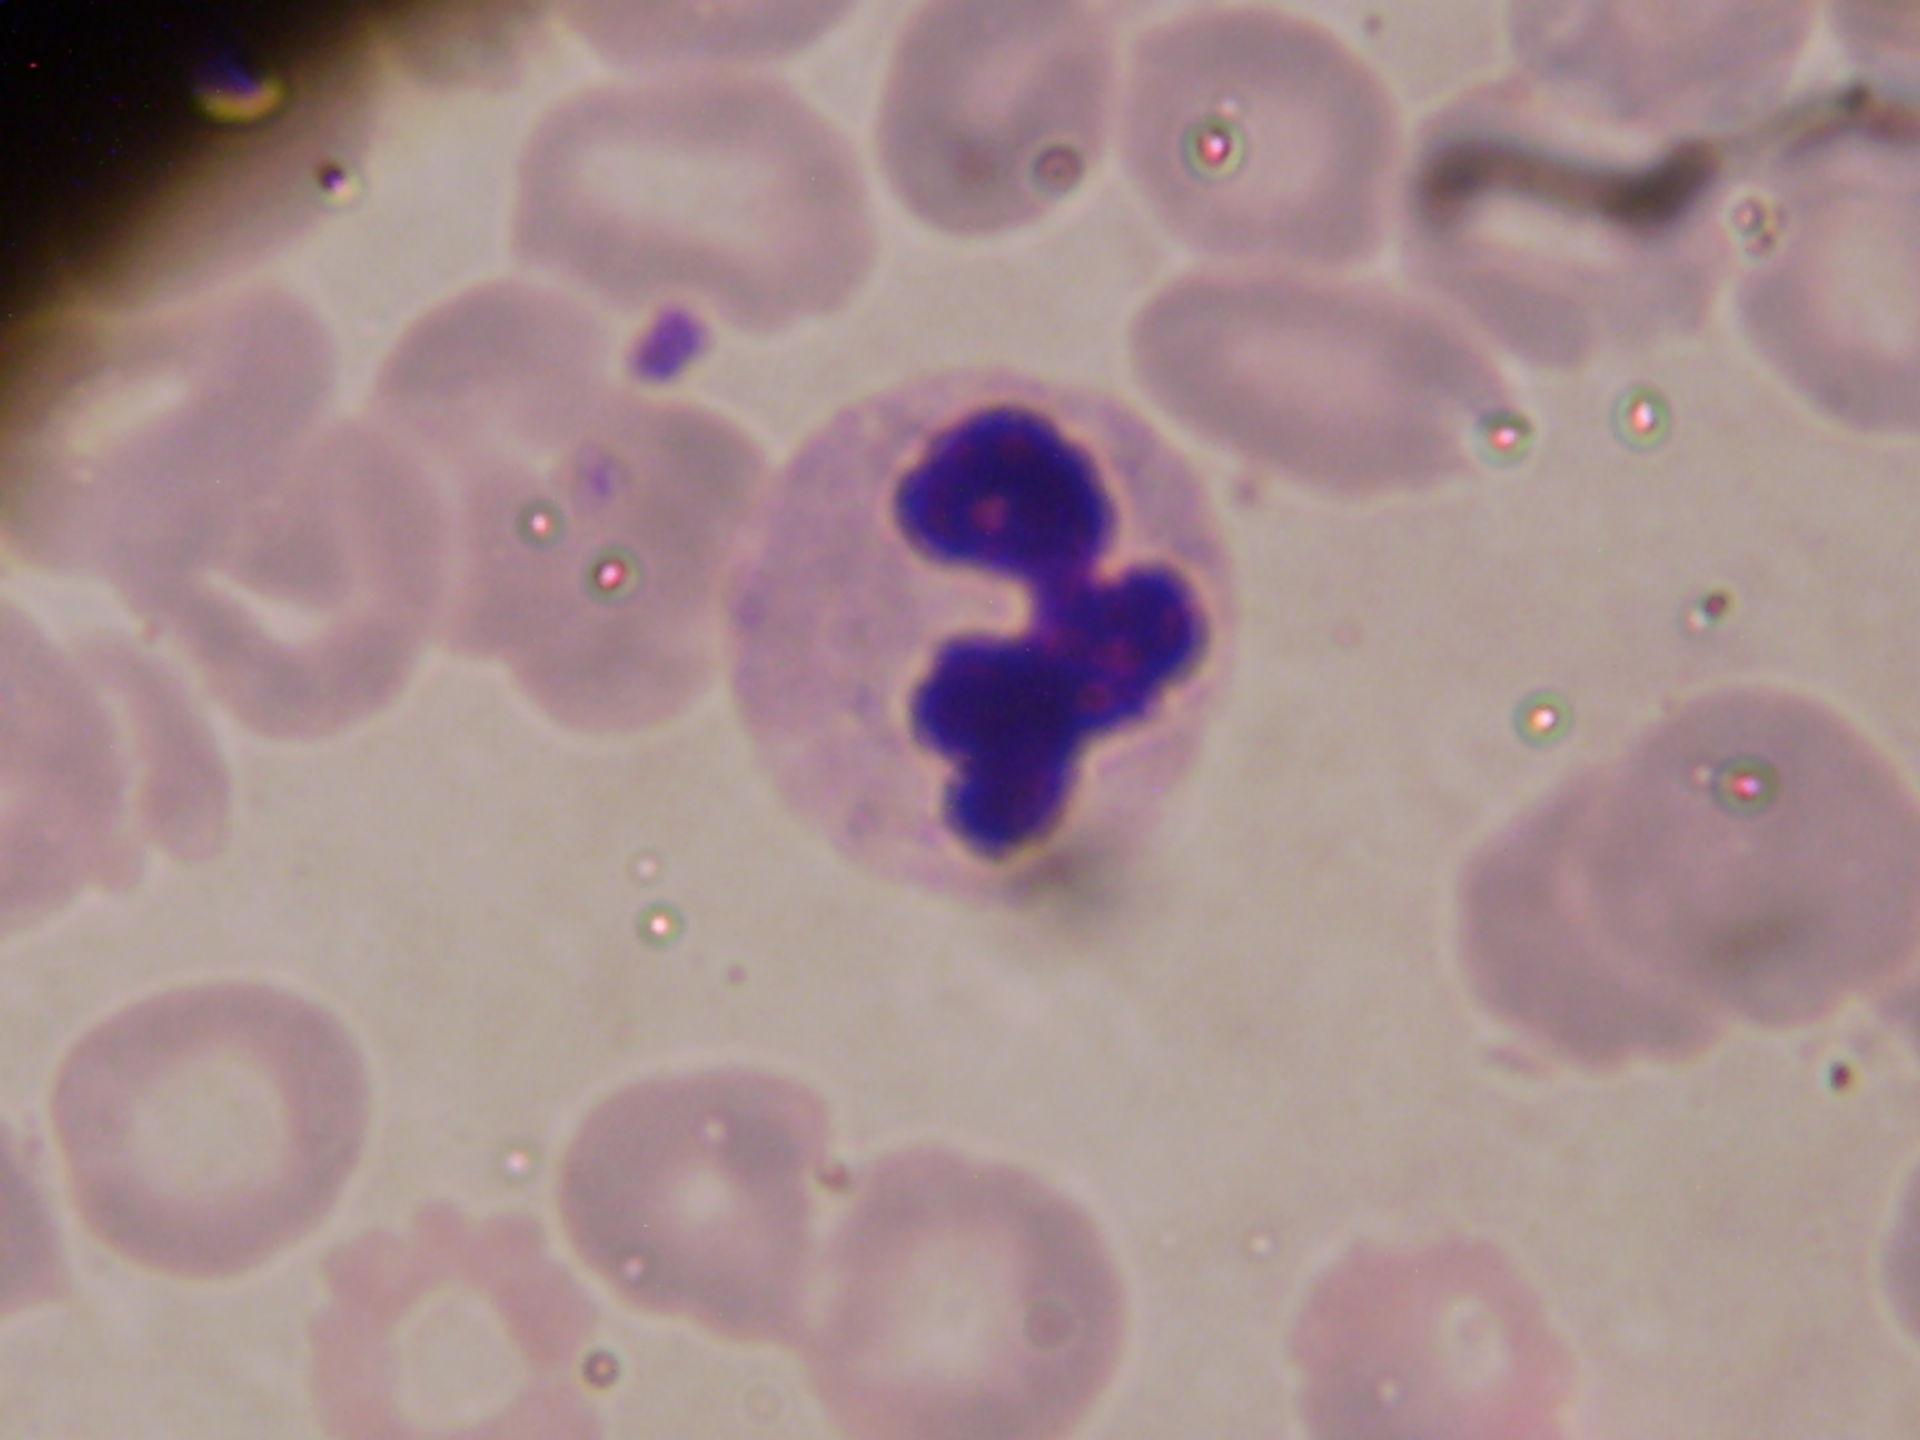 plasmodium bandformi